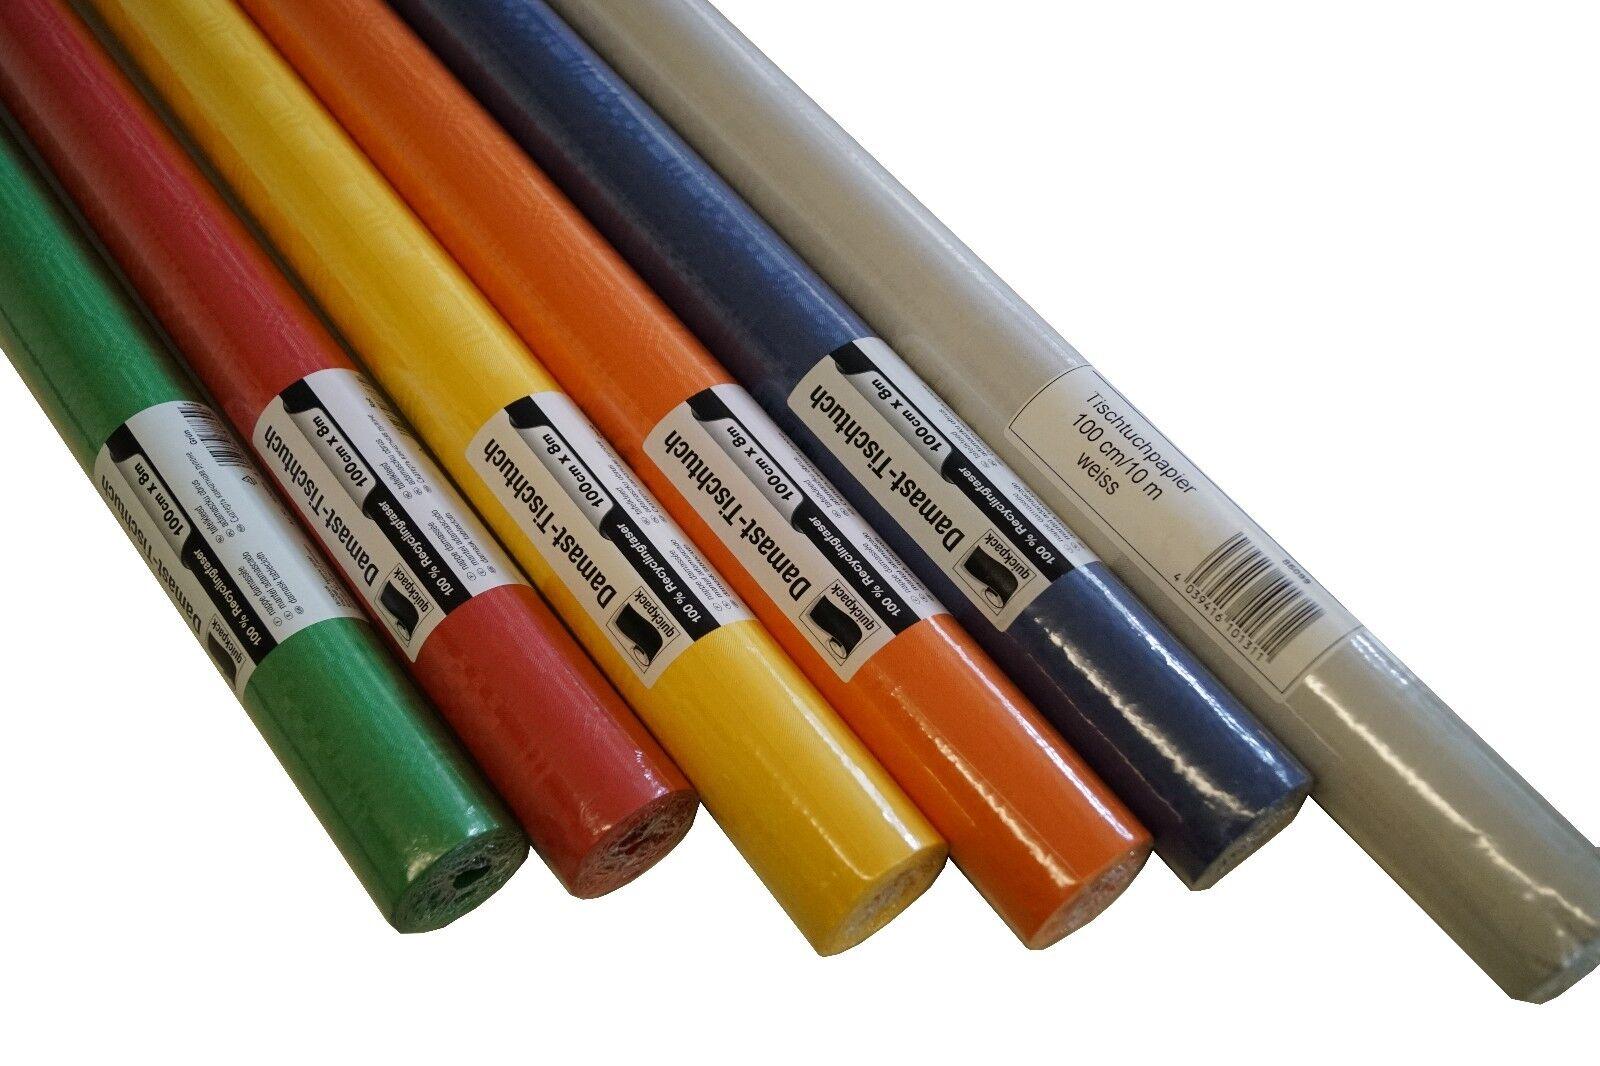 Papier Tischrolle 100 cm Breit Farbe Auswahl passend  Bierzeltgarnituren 8-10 m